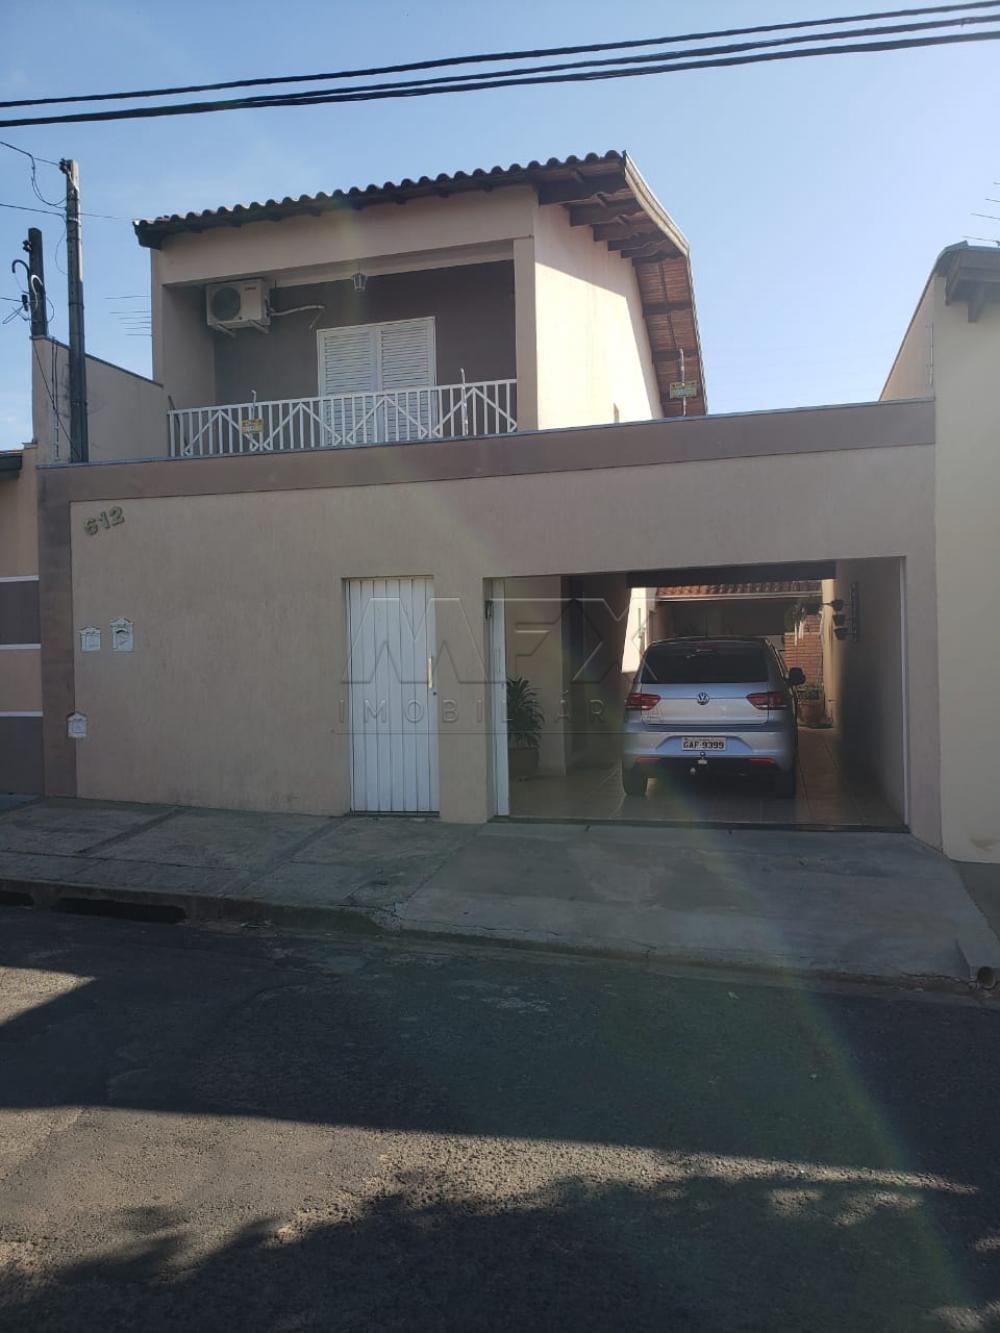 Comprar Casa / Sobrado em Bauru apenas R$ 340.000,00 - Foto 2